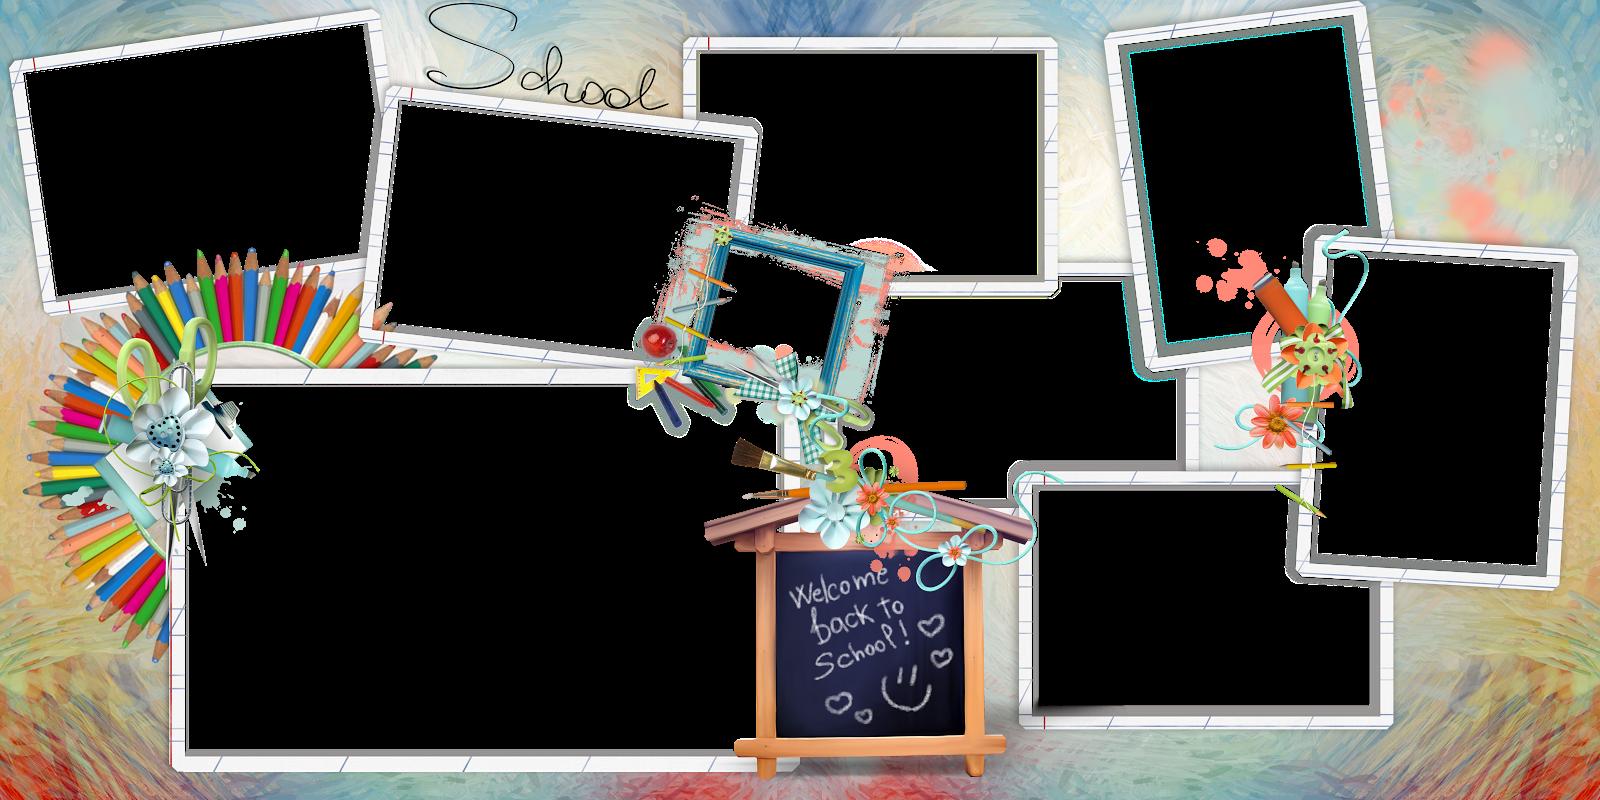 Дизайн фотокниг: Шаблоны для школьной фотокниги